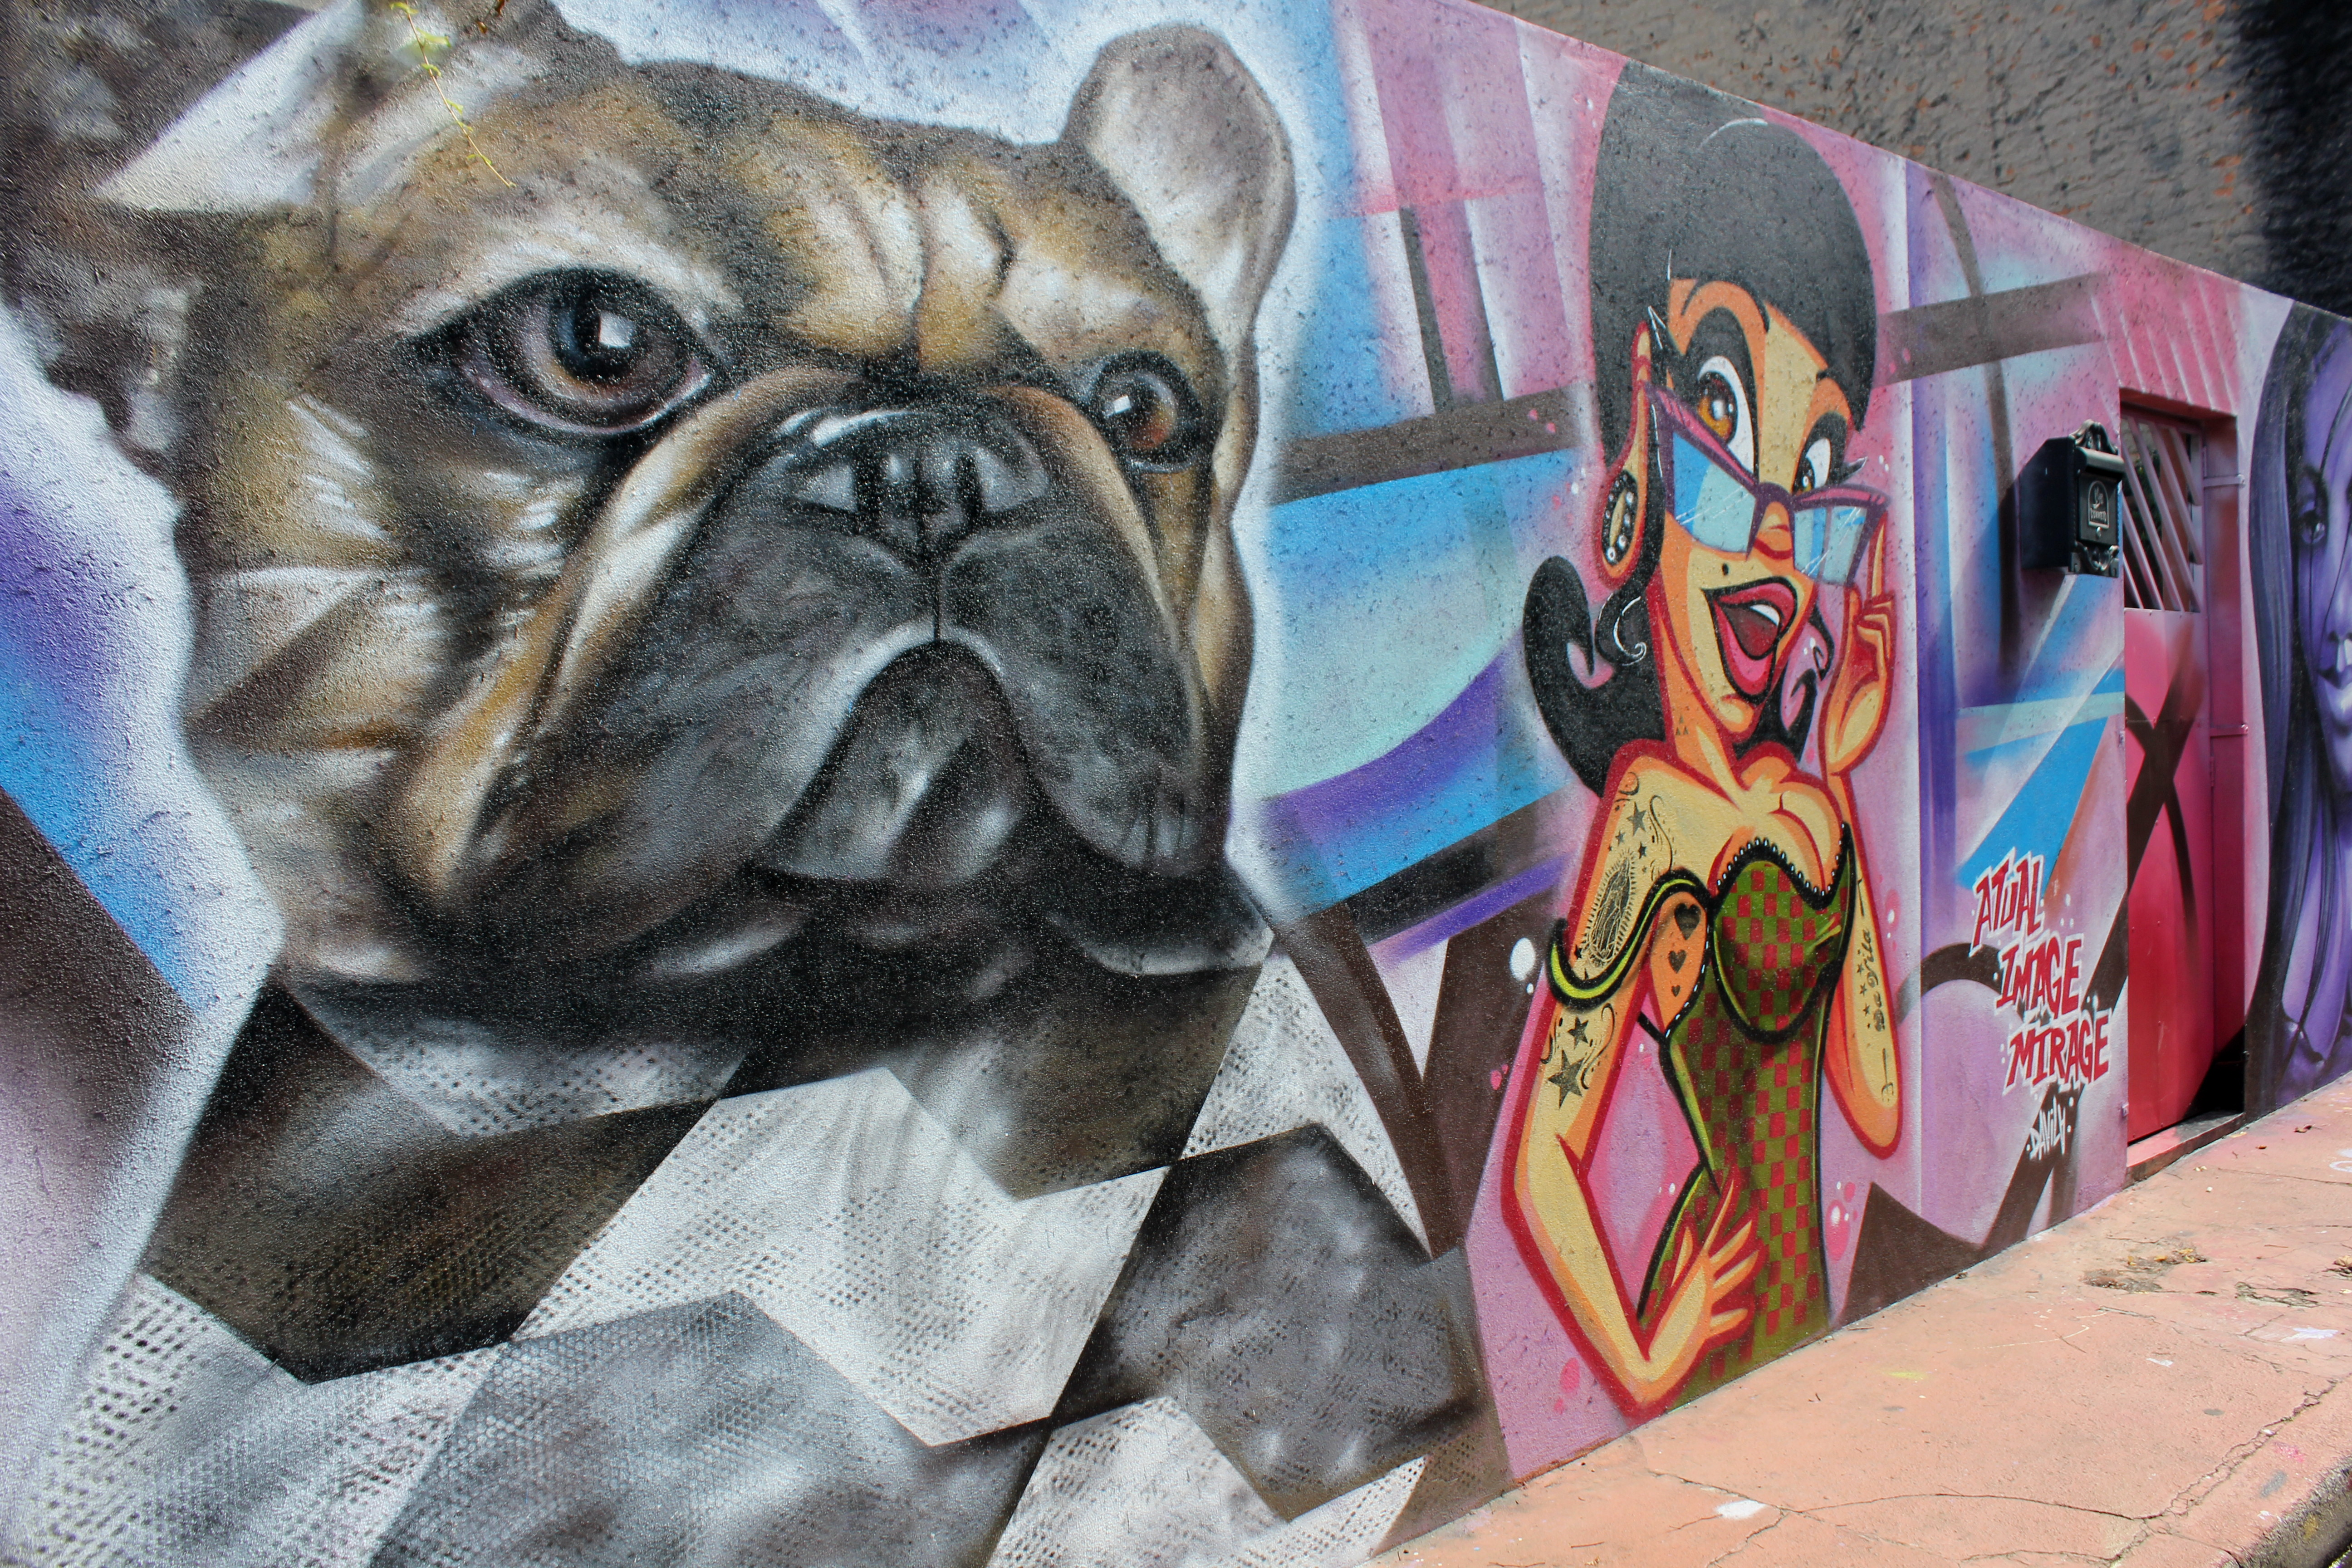 São Paulo's Street Art 50